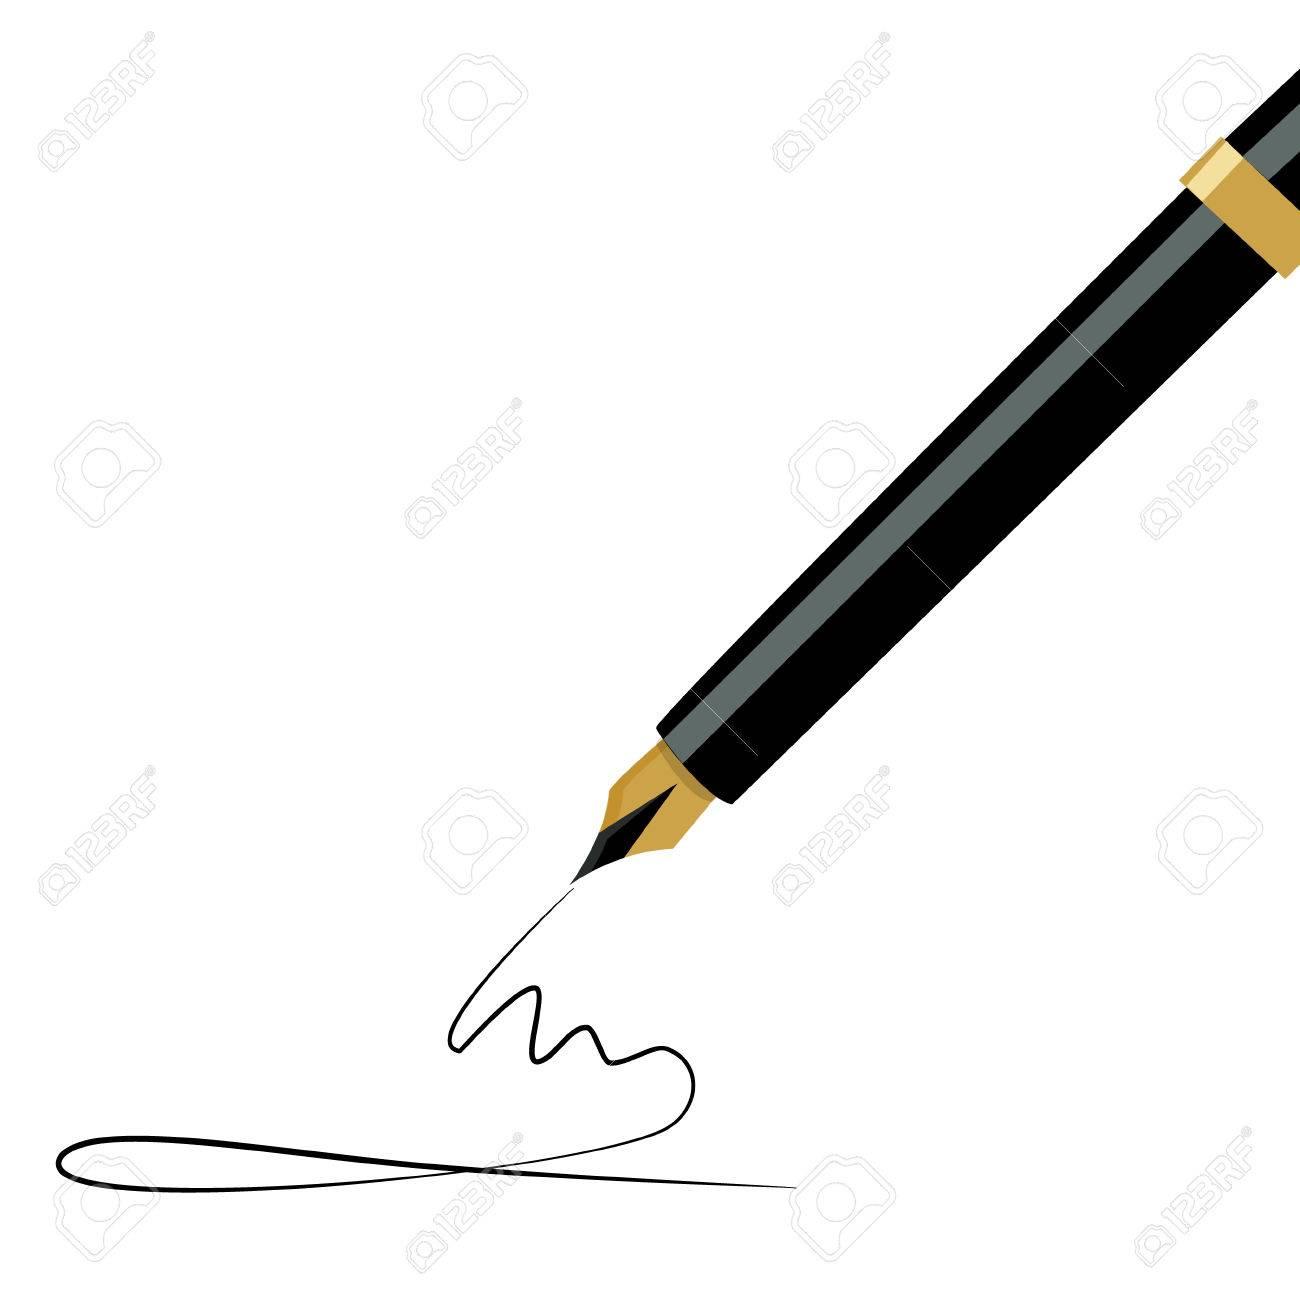 ベクトル イラスト黄金万年筆を書くインクのペンのイラスト素材